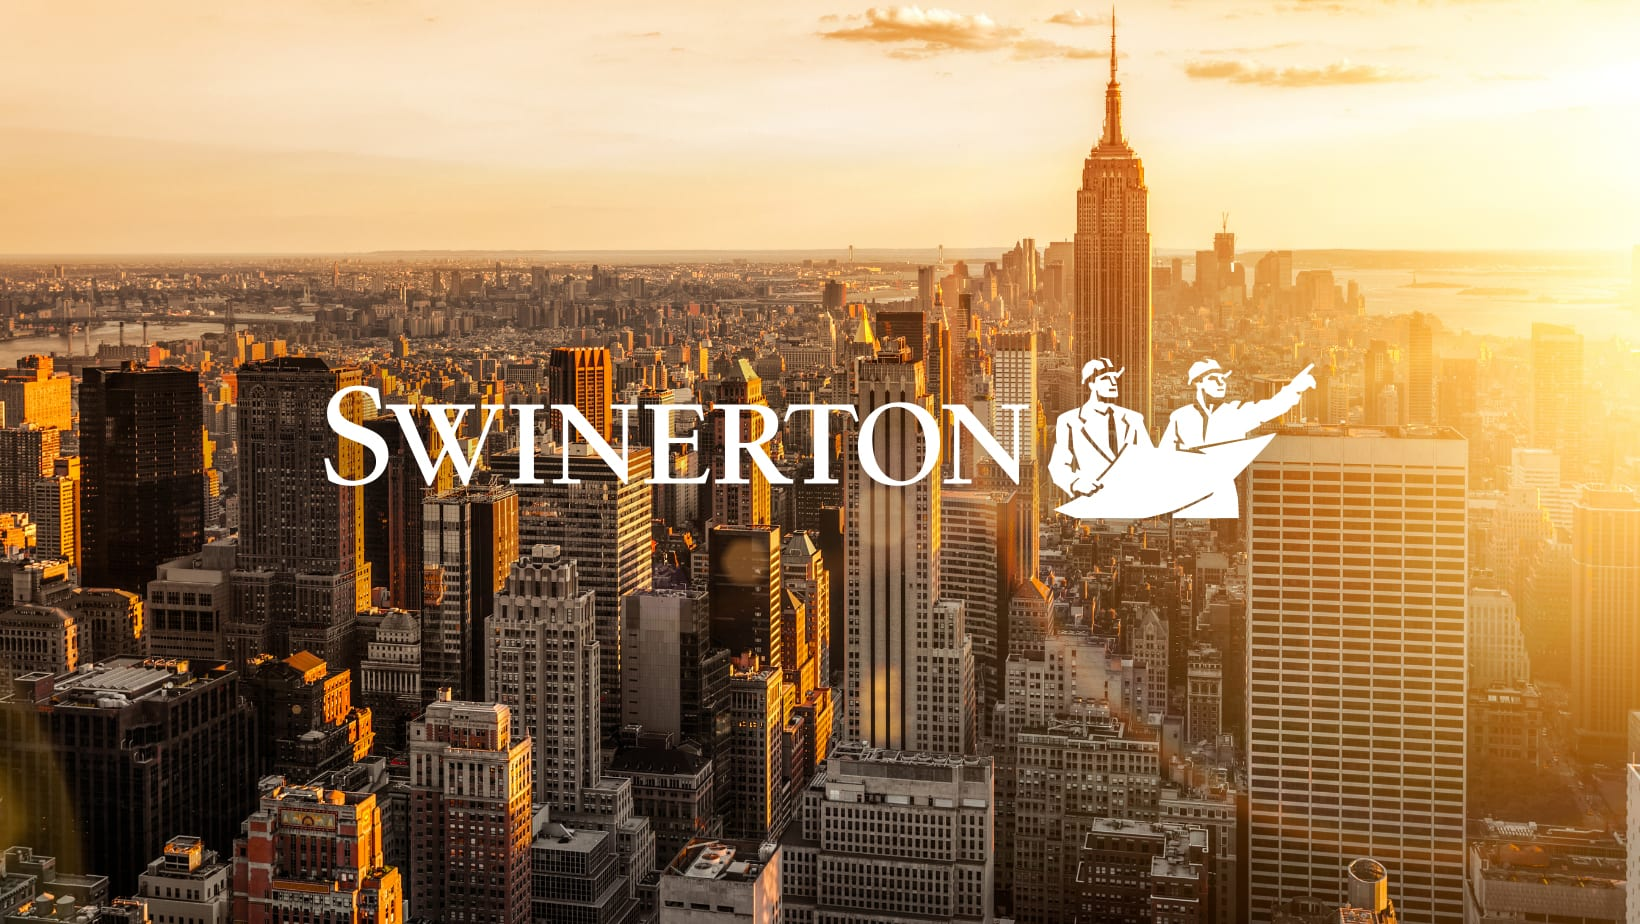 NYC skyline with Swinerton logo